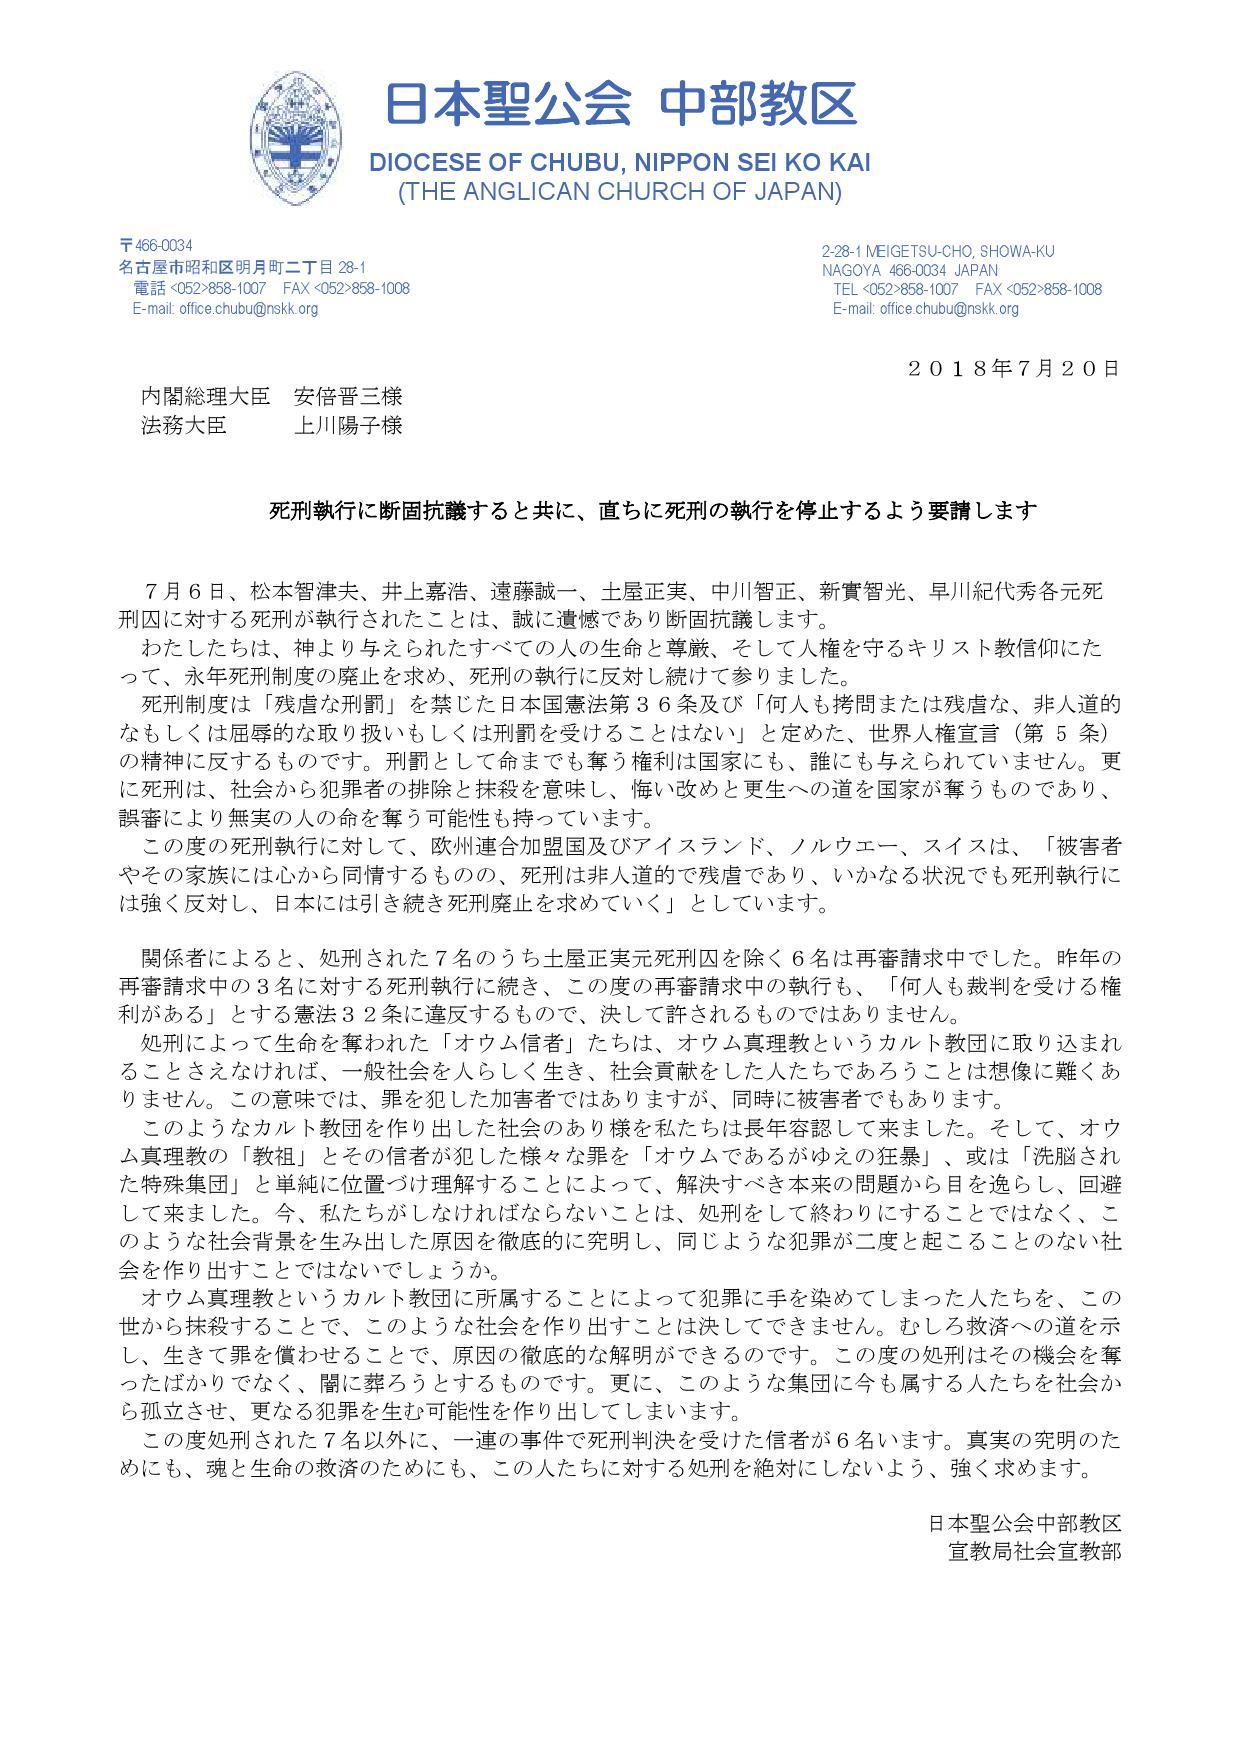 死刑執行抗議声明20180720_000001